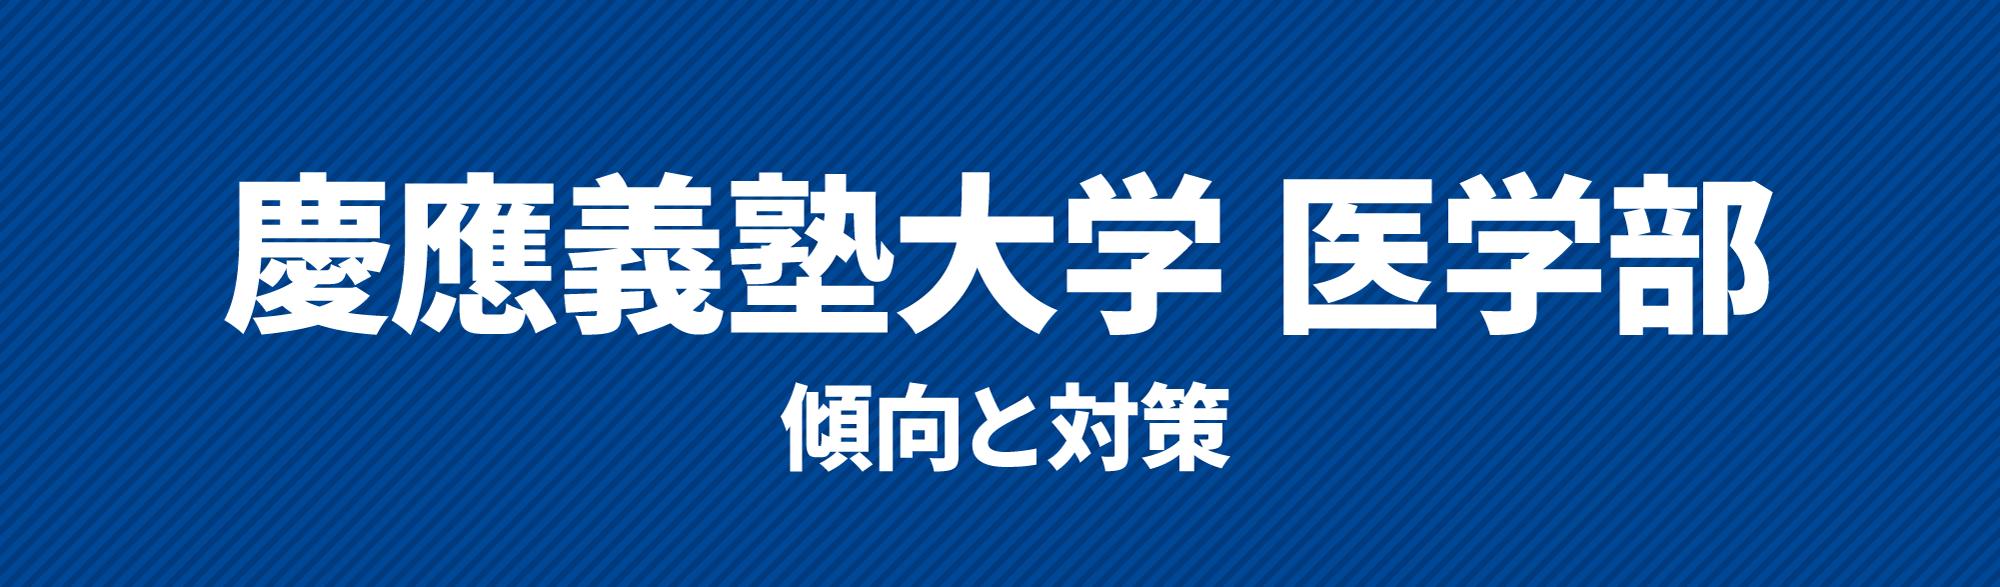 慶應義塾大学医学部傾向と対策